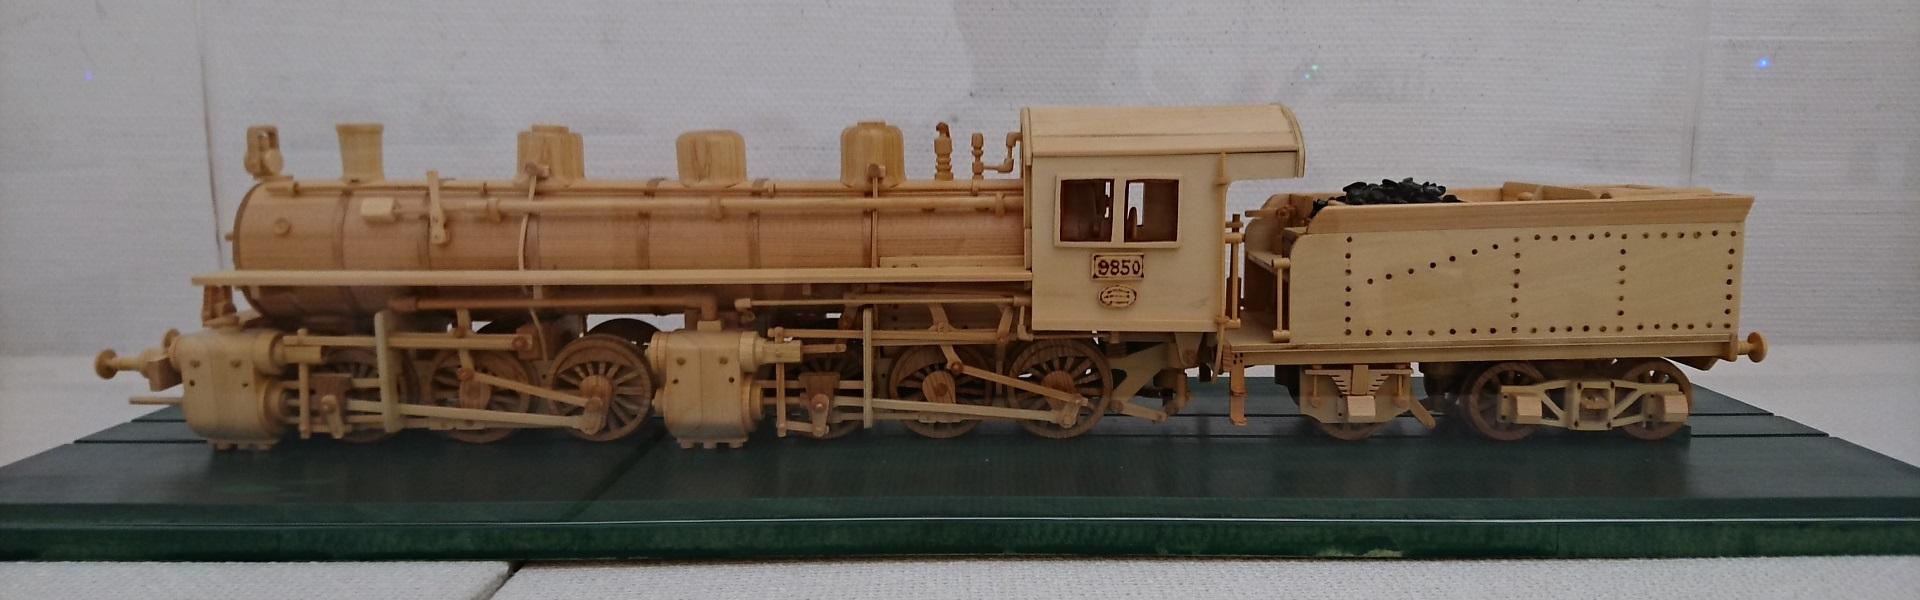 2018.3.20 木工細工蒸気機関車展 (5) 9850号 1920-600